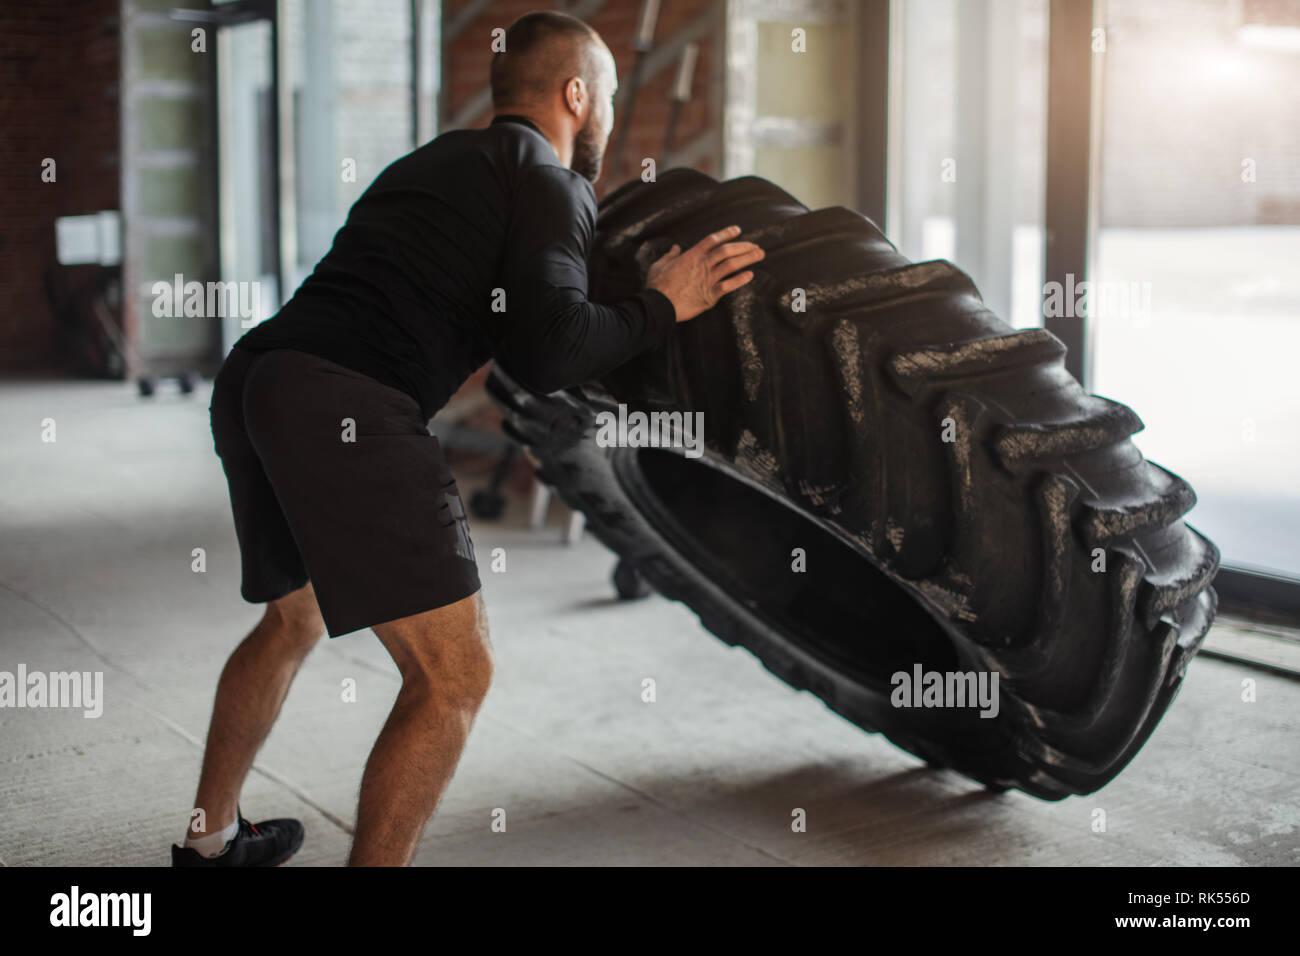 CrossFit técnica del neumático. Potente culturista demuestra las reglas y el fin de la formación con los improvisados powerlifting elemento en fitness club. Foto de stock